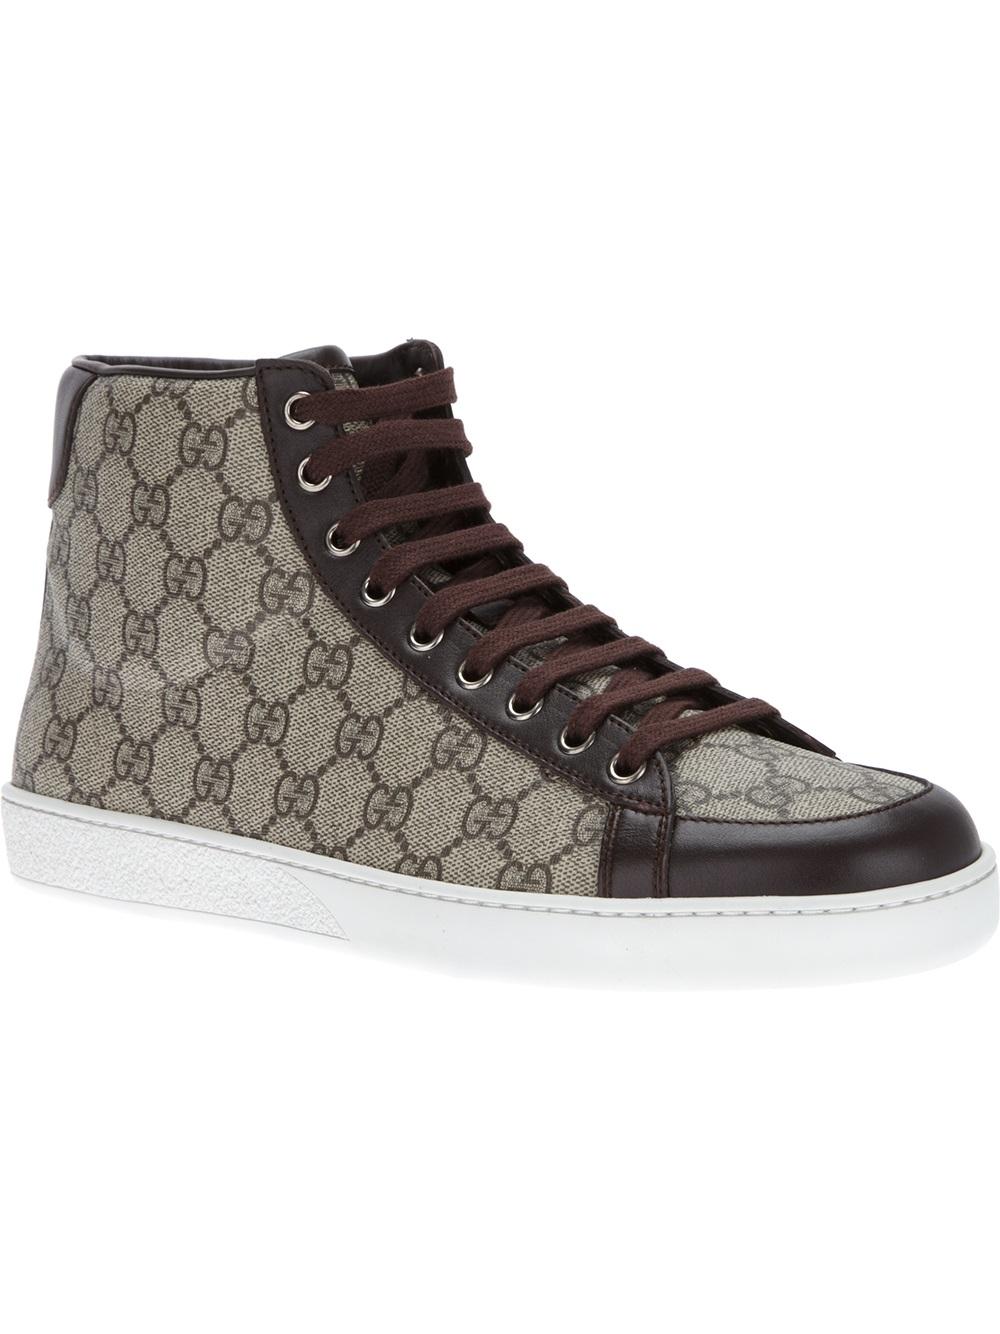 0681b400fa2 Lyst - Gucci Monogram Hi-Top Sneaker in Black for Men